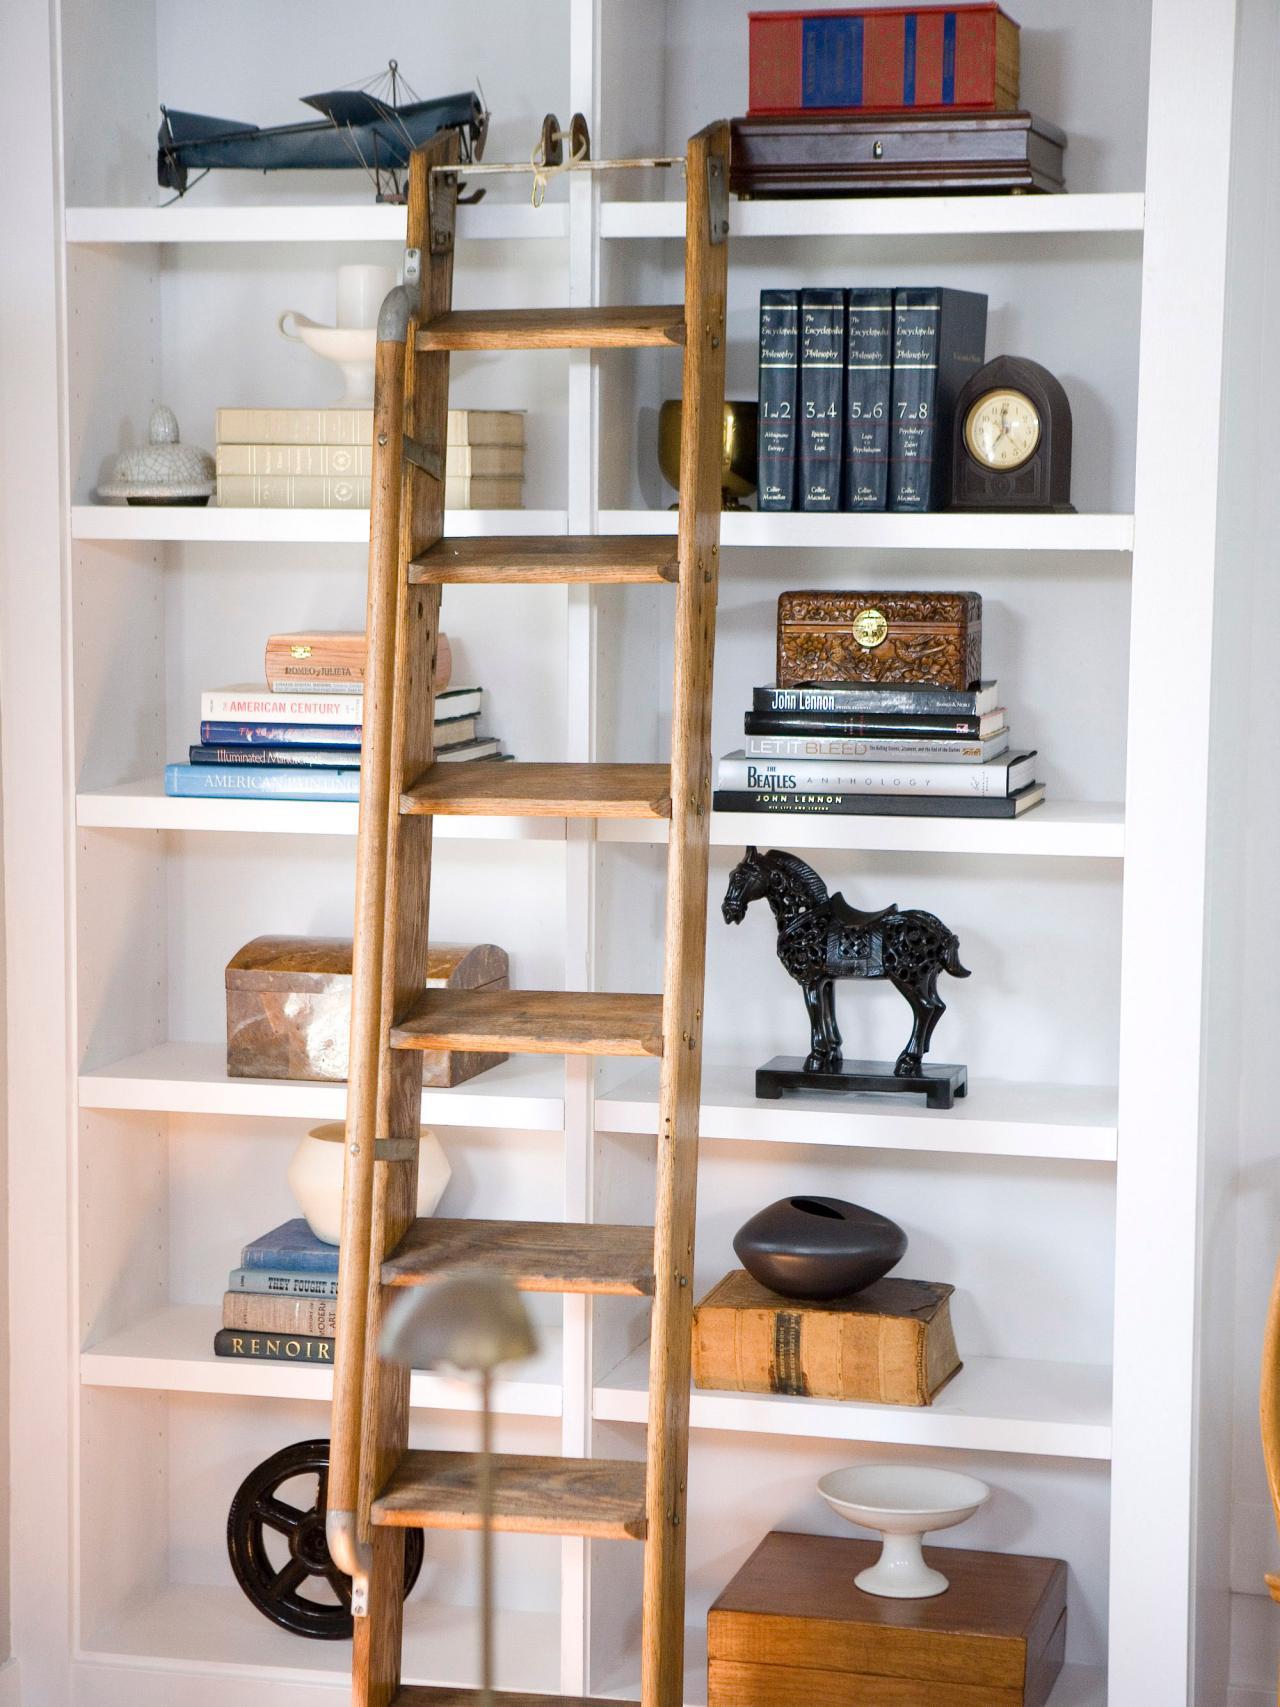 HDSW1_Living-Room-Ladder-Bookshelf_s3x4.jpg.rend.hgtvcom.1280.1707